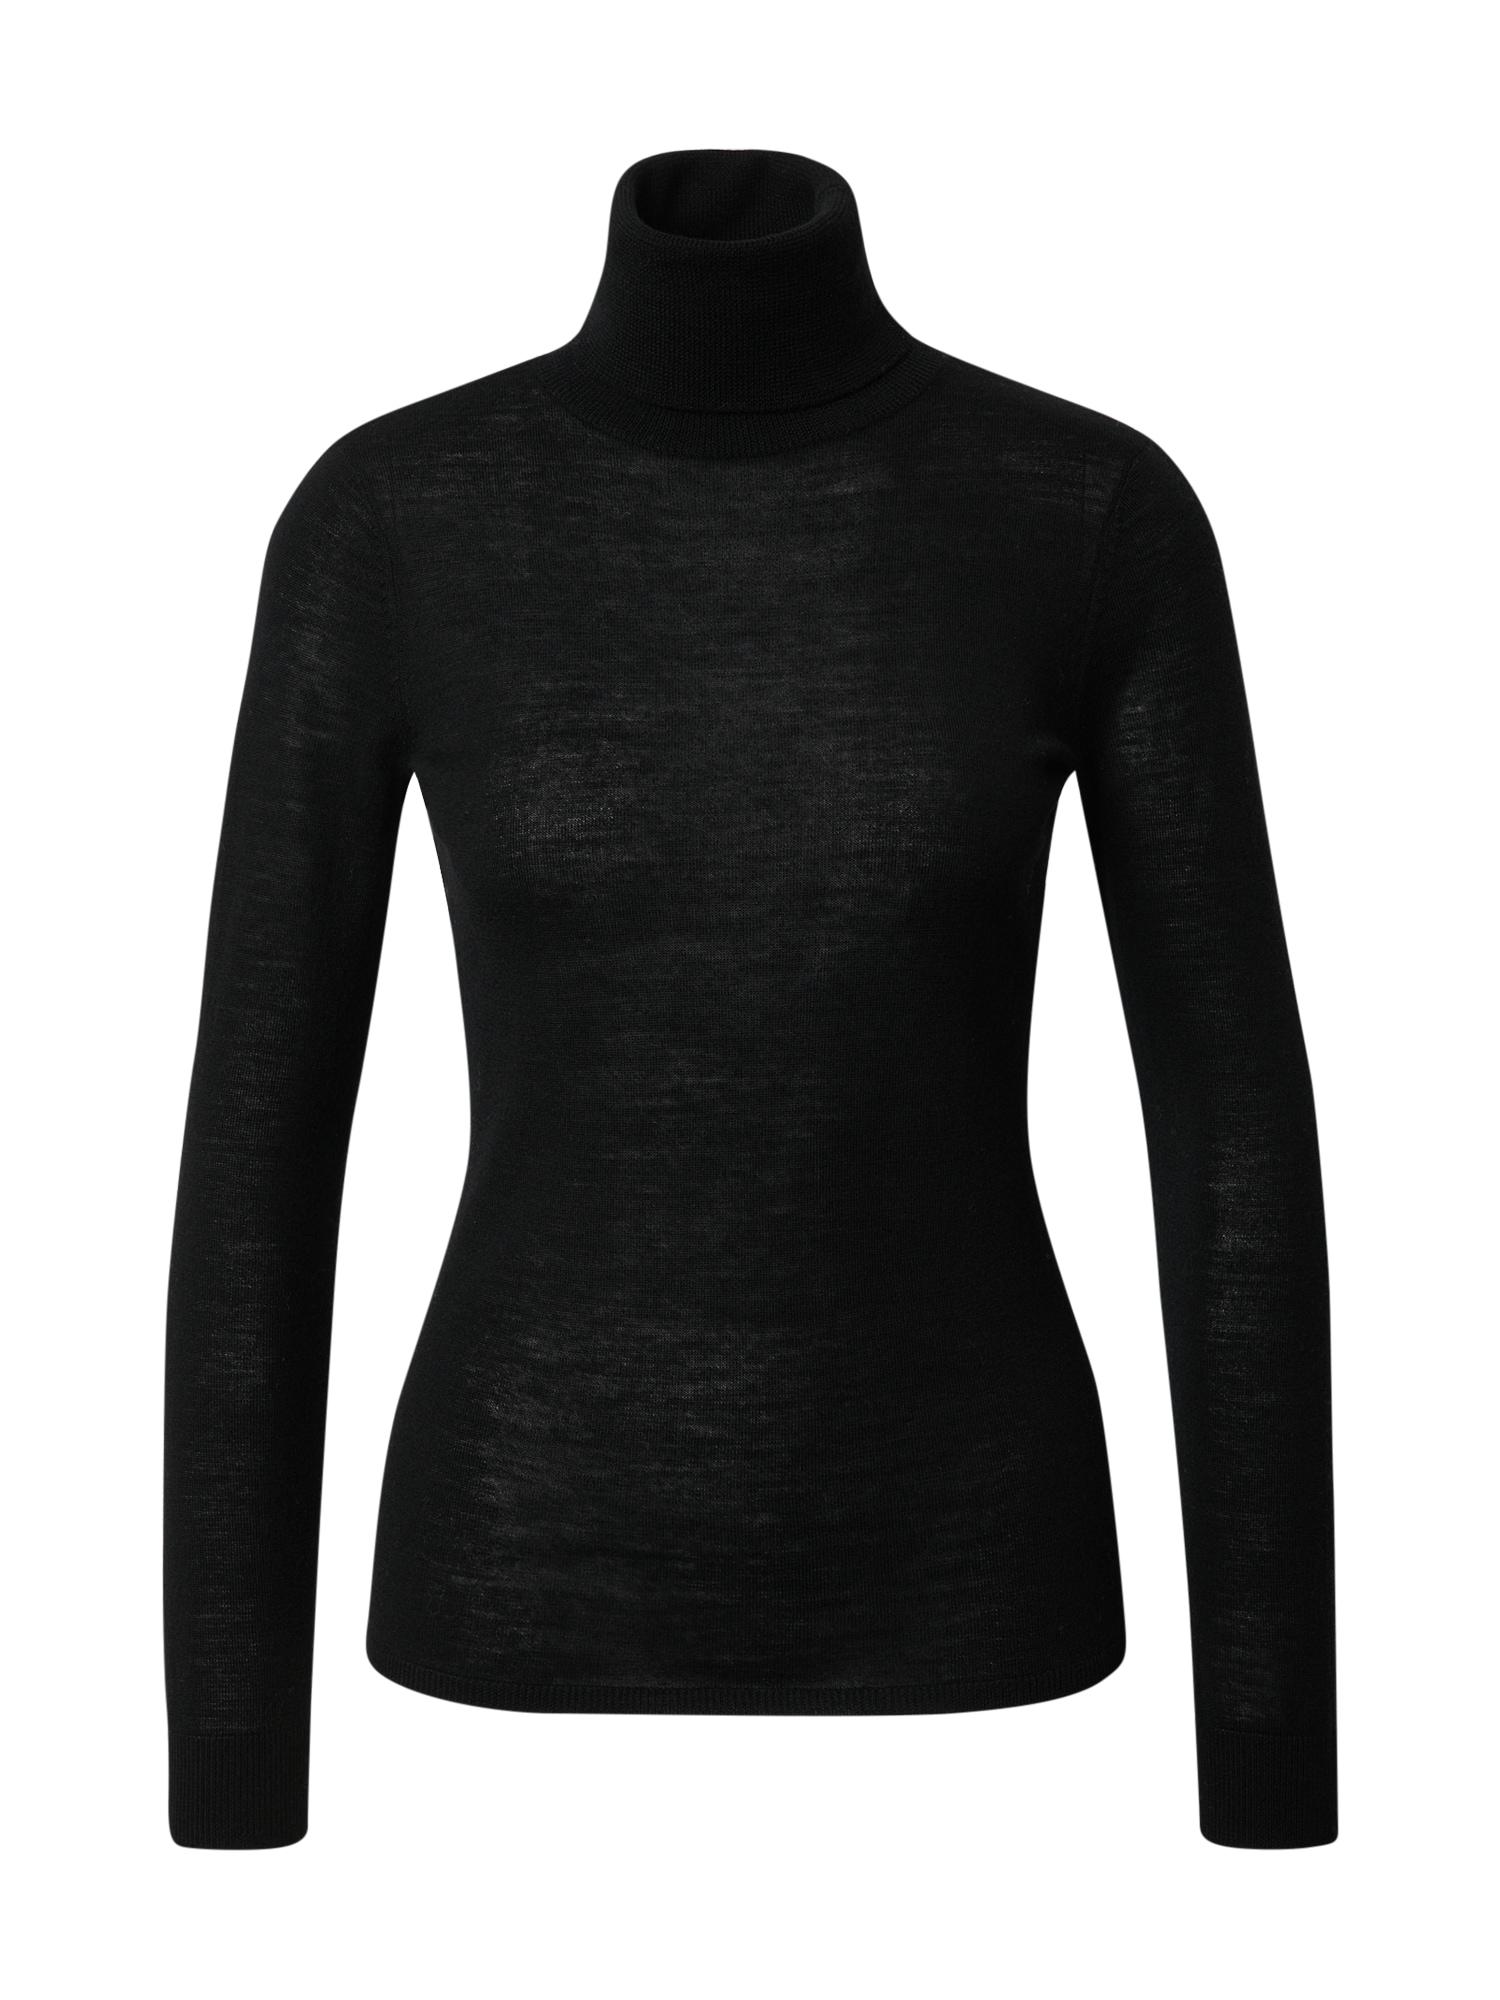 EDITED Megztinis 'Dominique' juoda